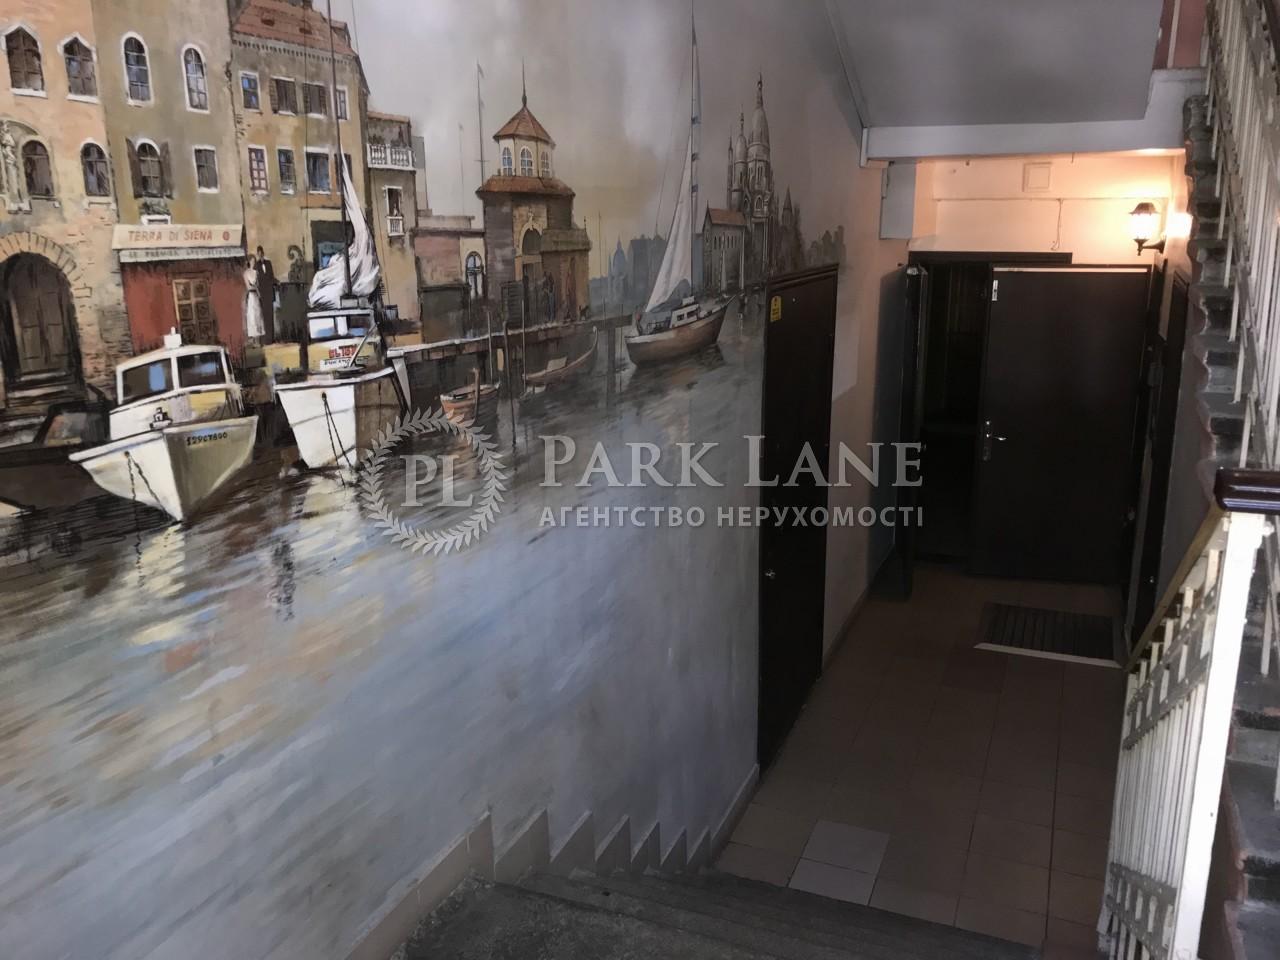 Нежилое помещение, ул. Верхний Вал, Киев, Z-332074 - Фото 7